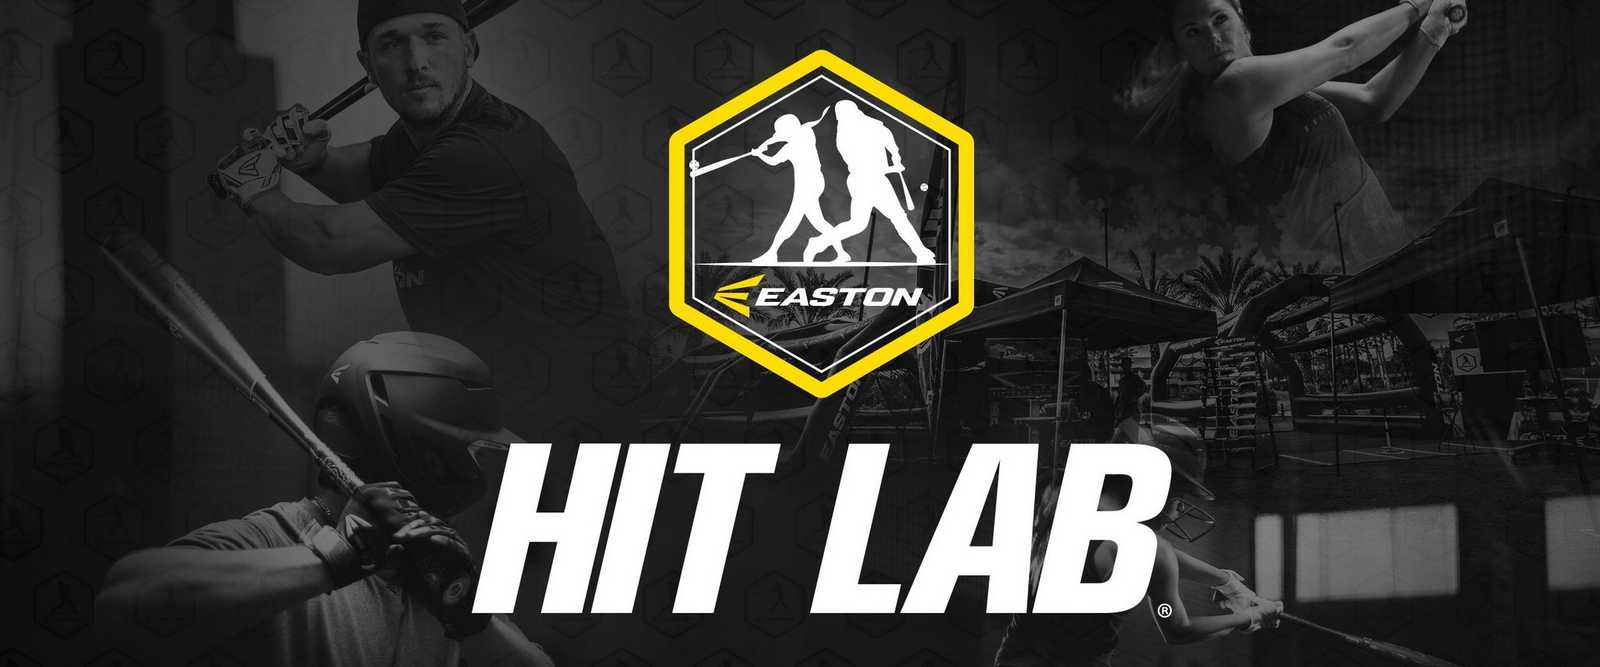 Hit Lab Battle